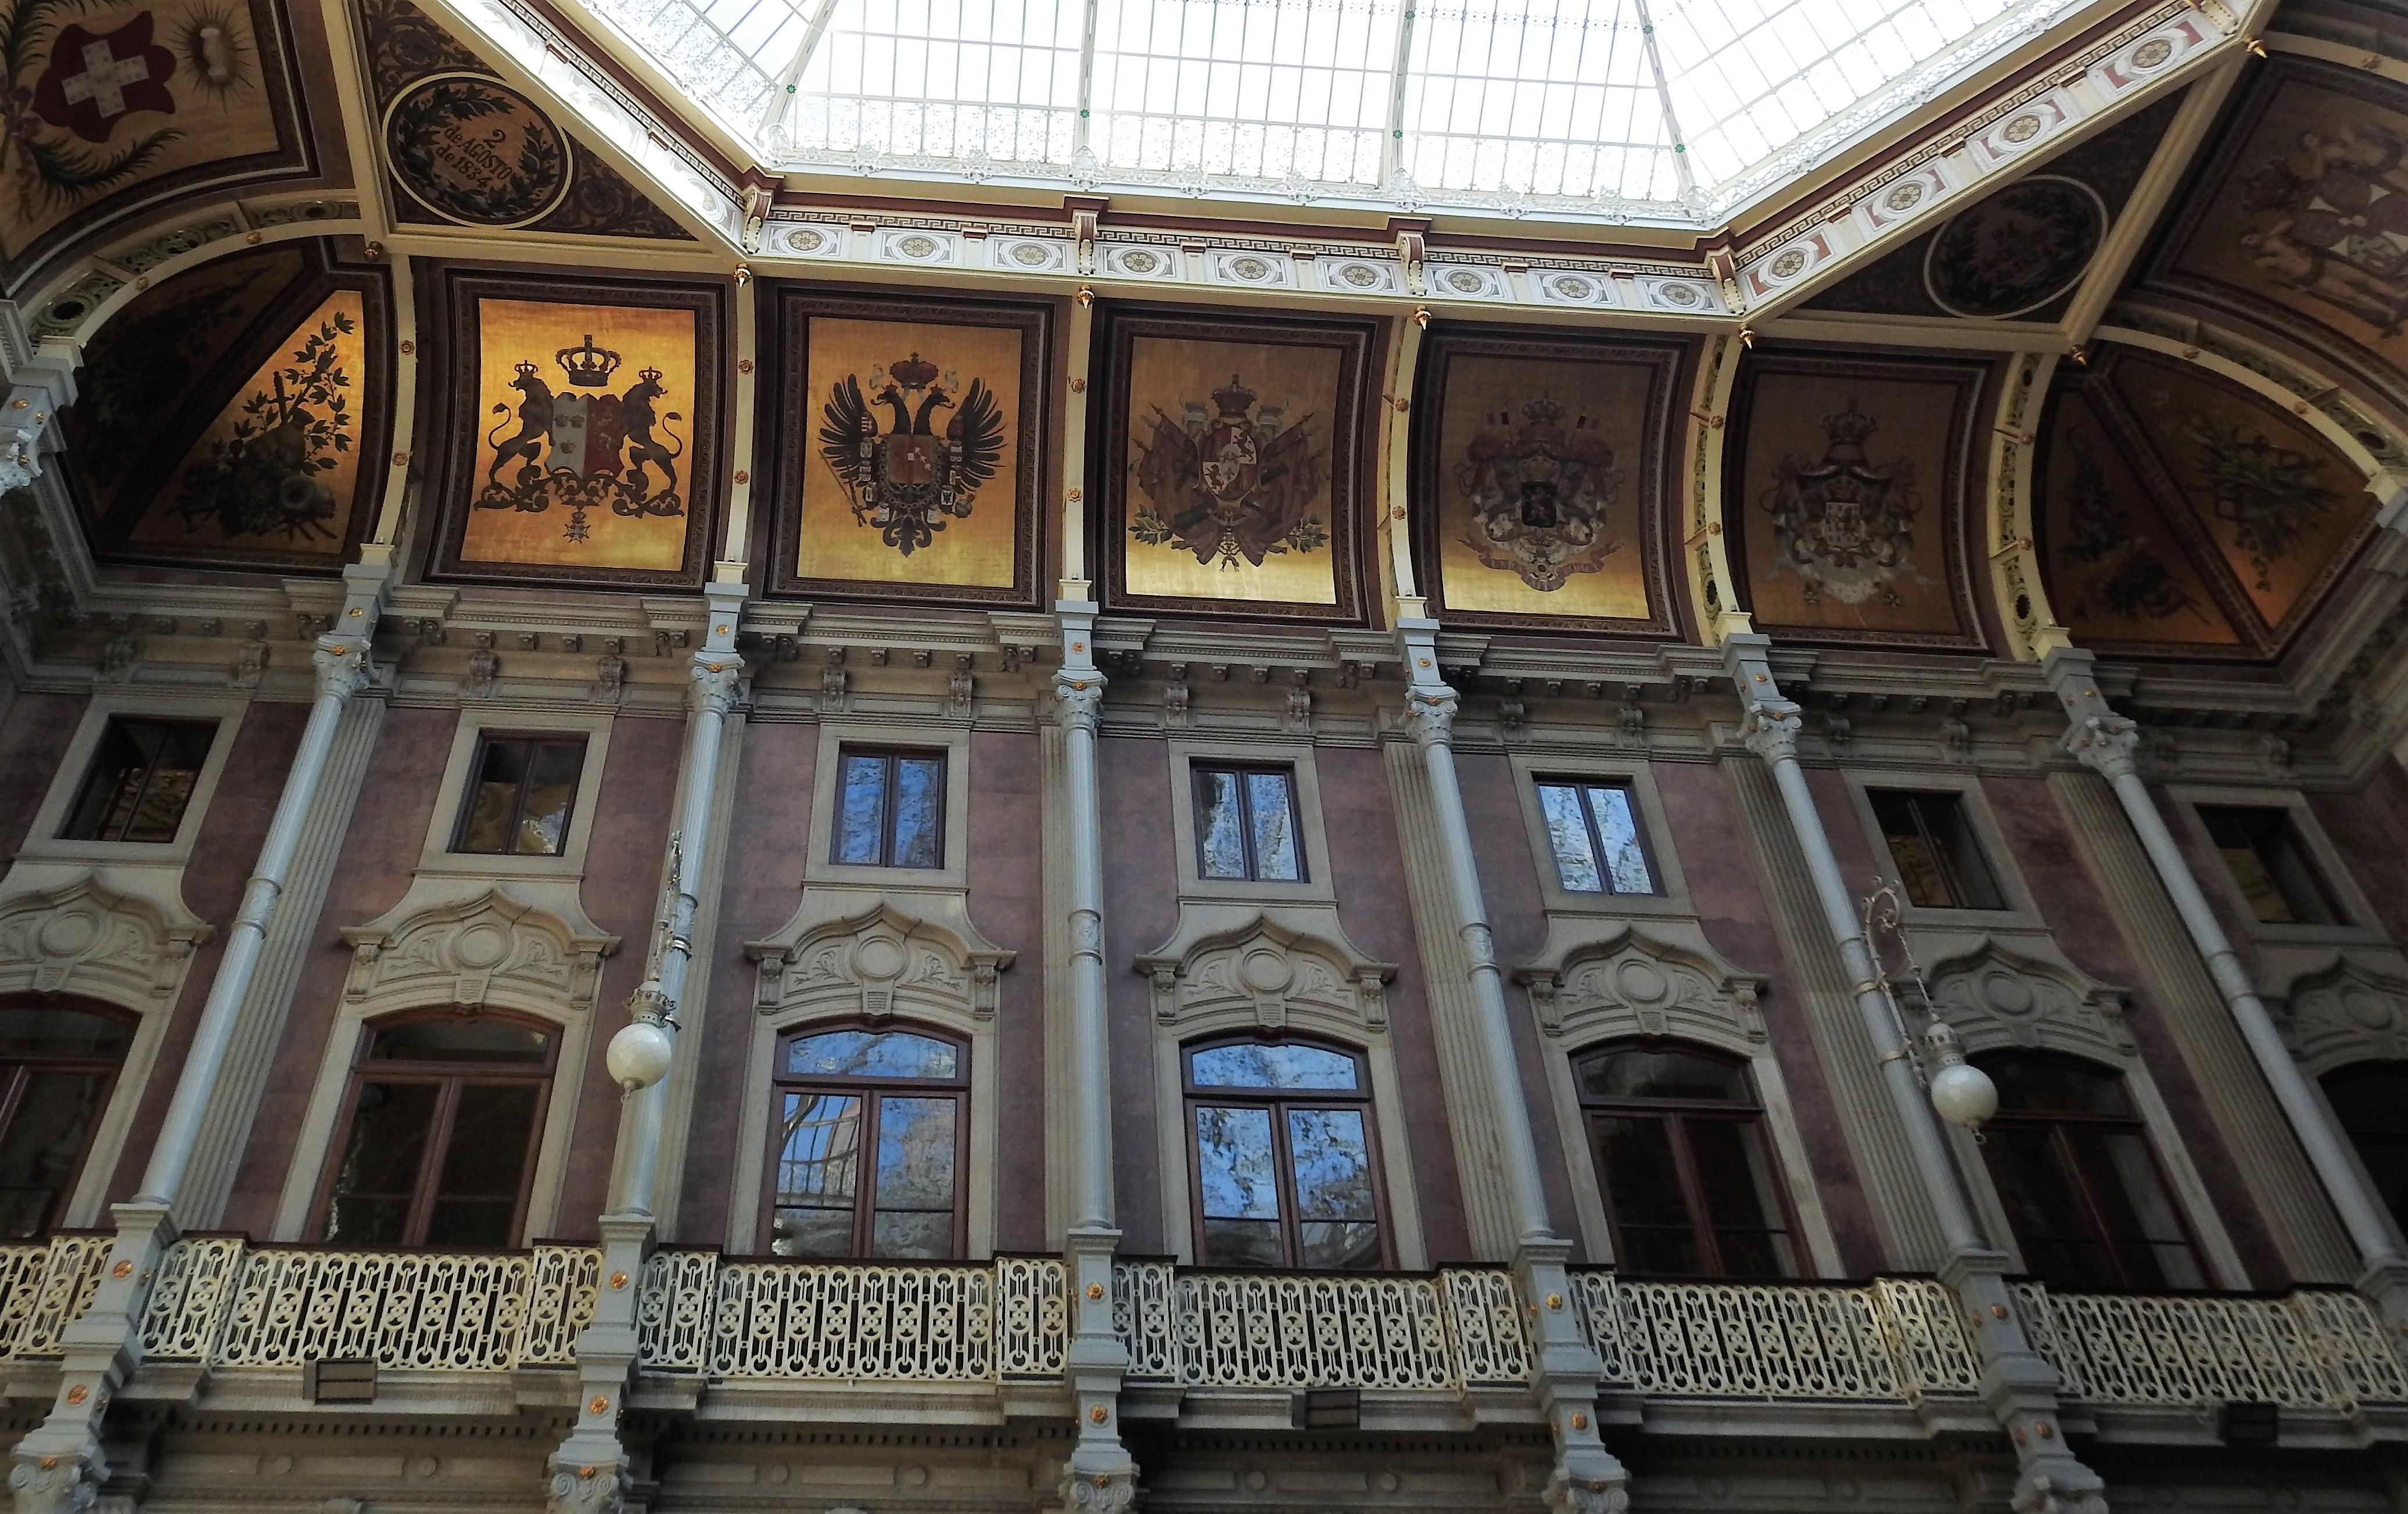 The incredible Palácio da Bolsa